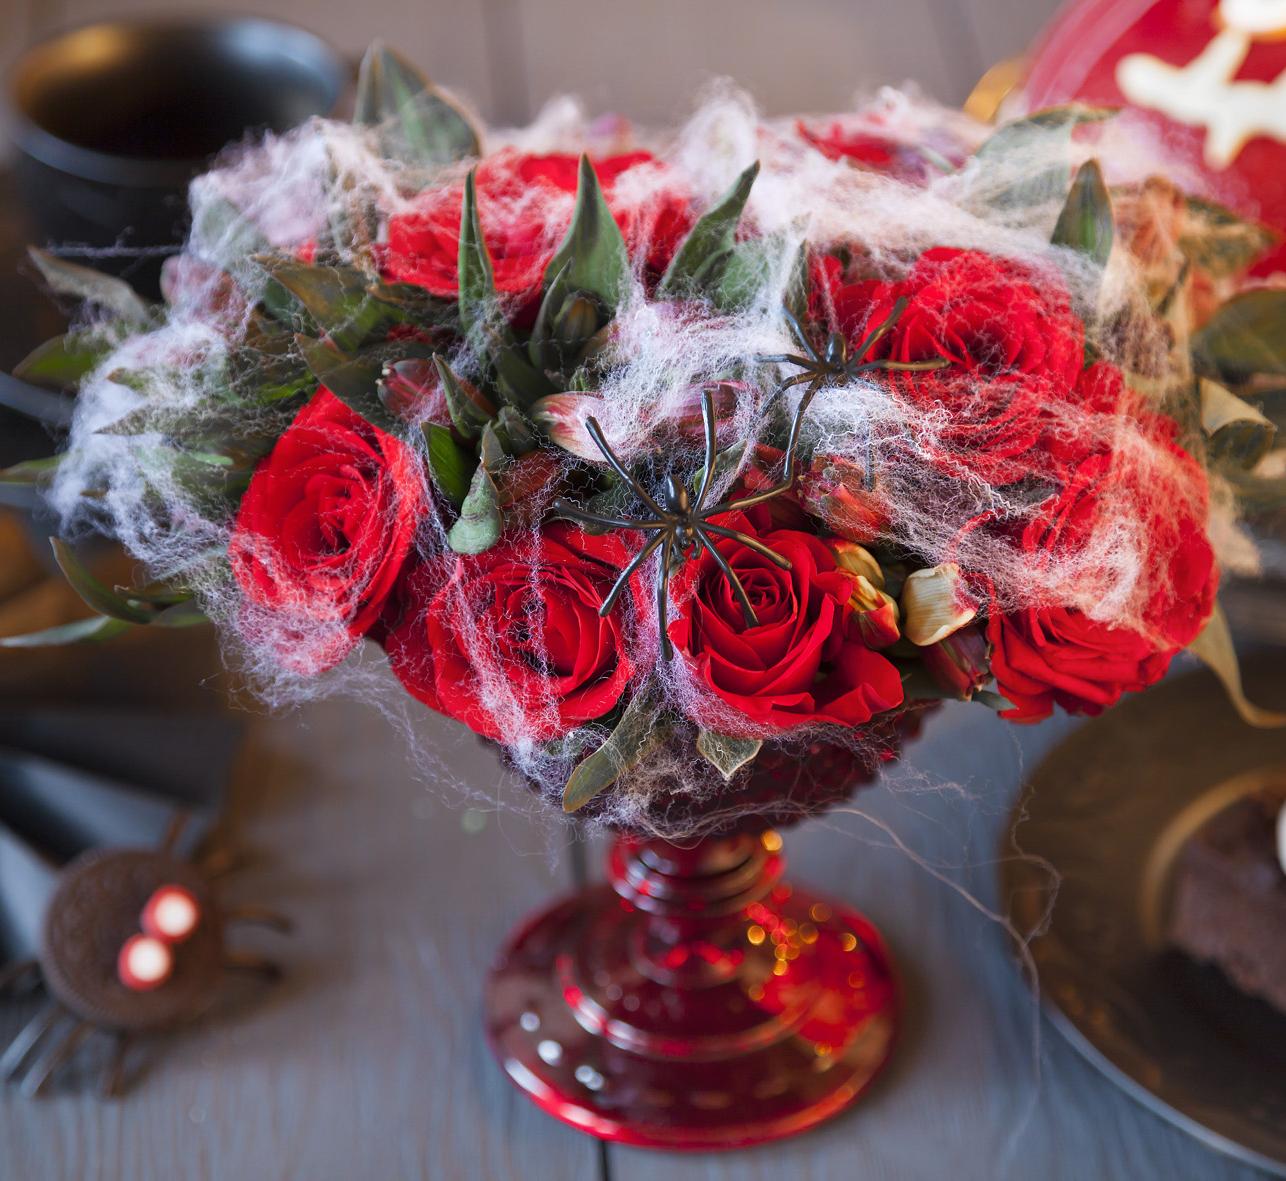 Roses and Cobwebs